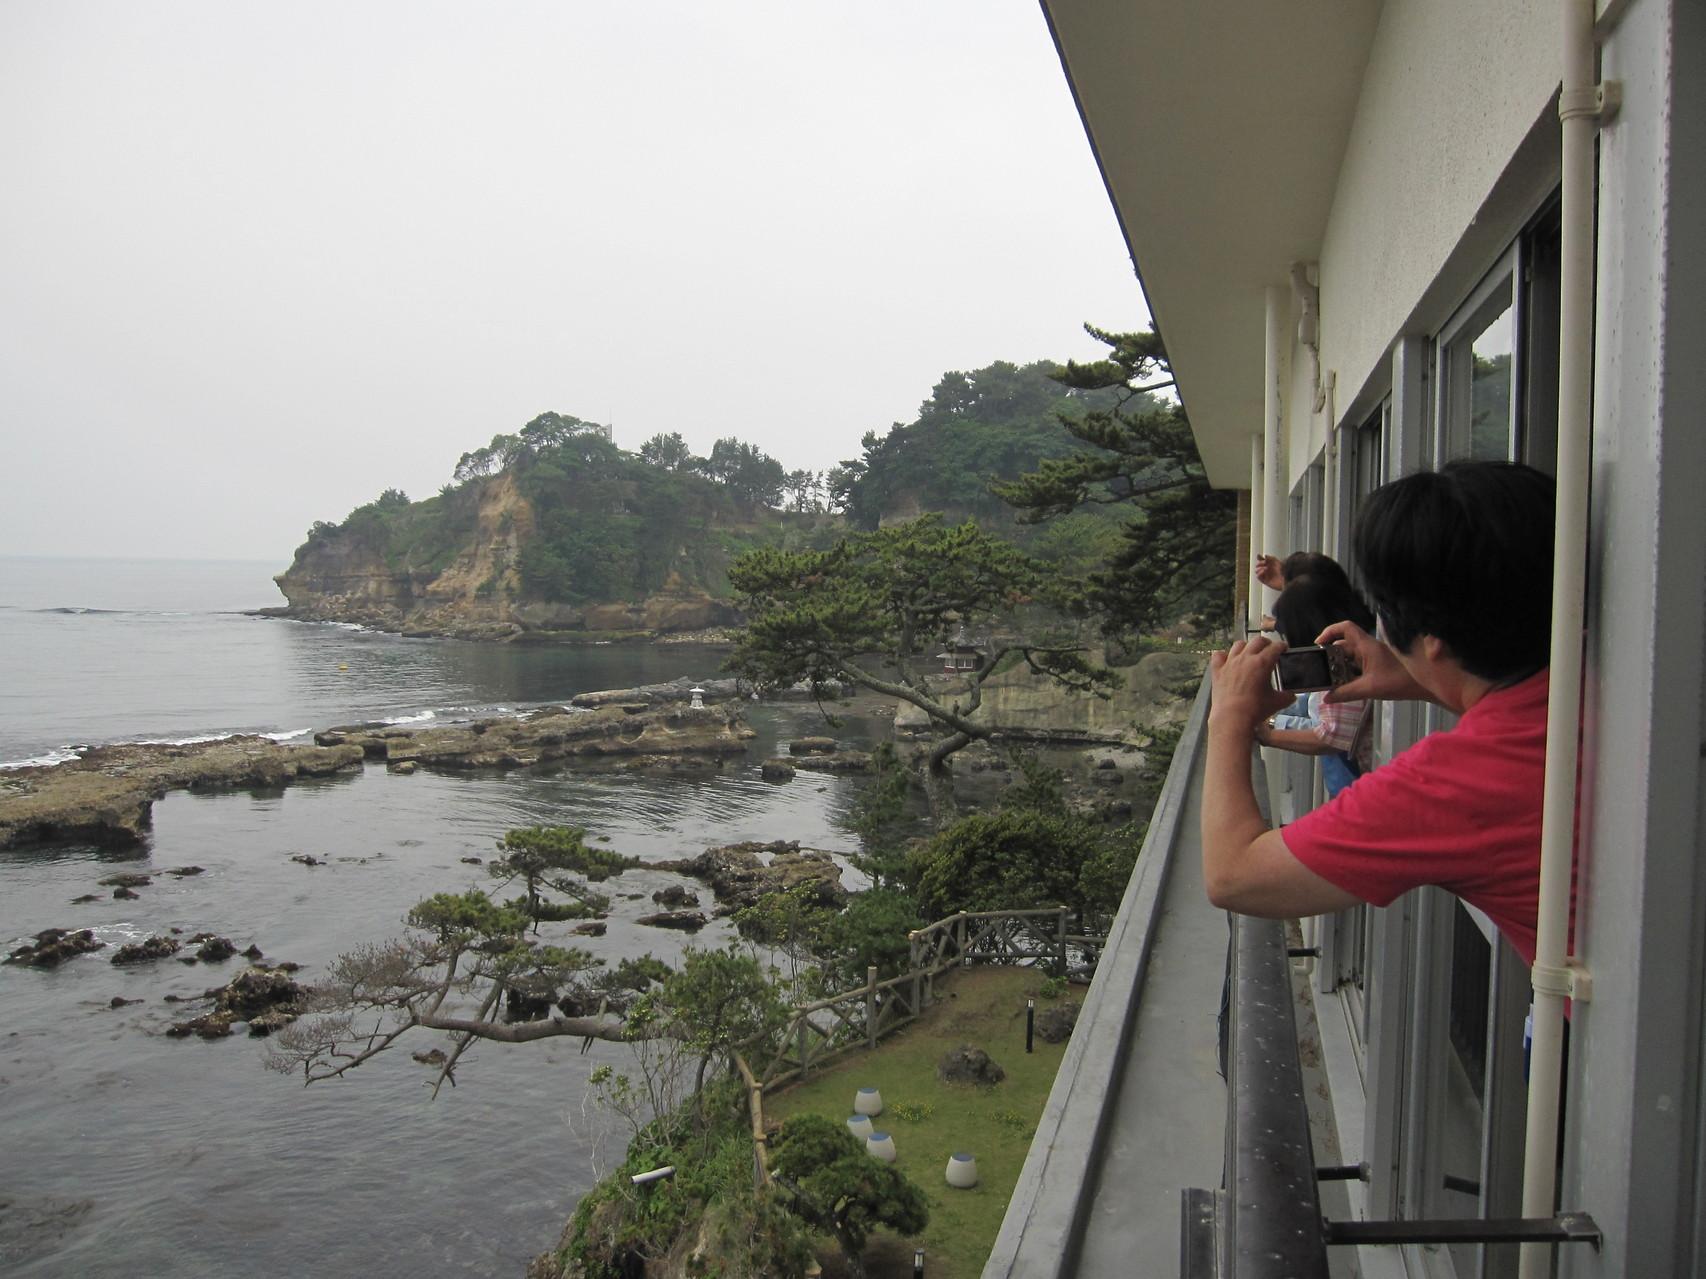 北茨城市五浦(いづら)の五浦観光ホテルで休憩。ここは7.6メートルの津波で1F温泉場は全壊